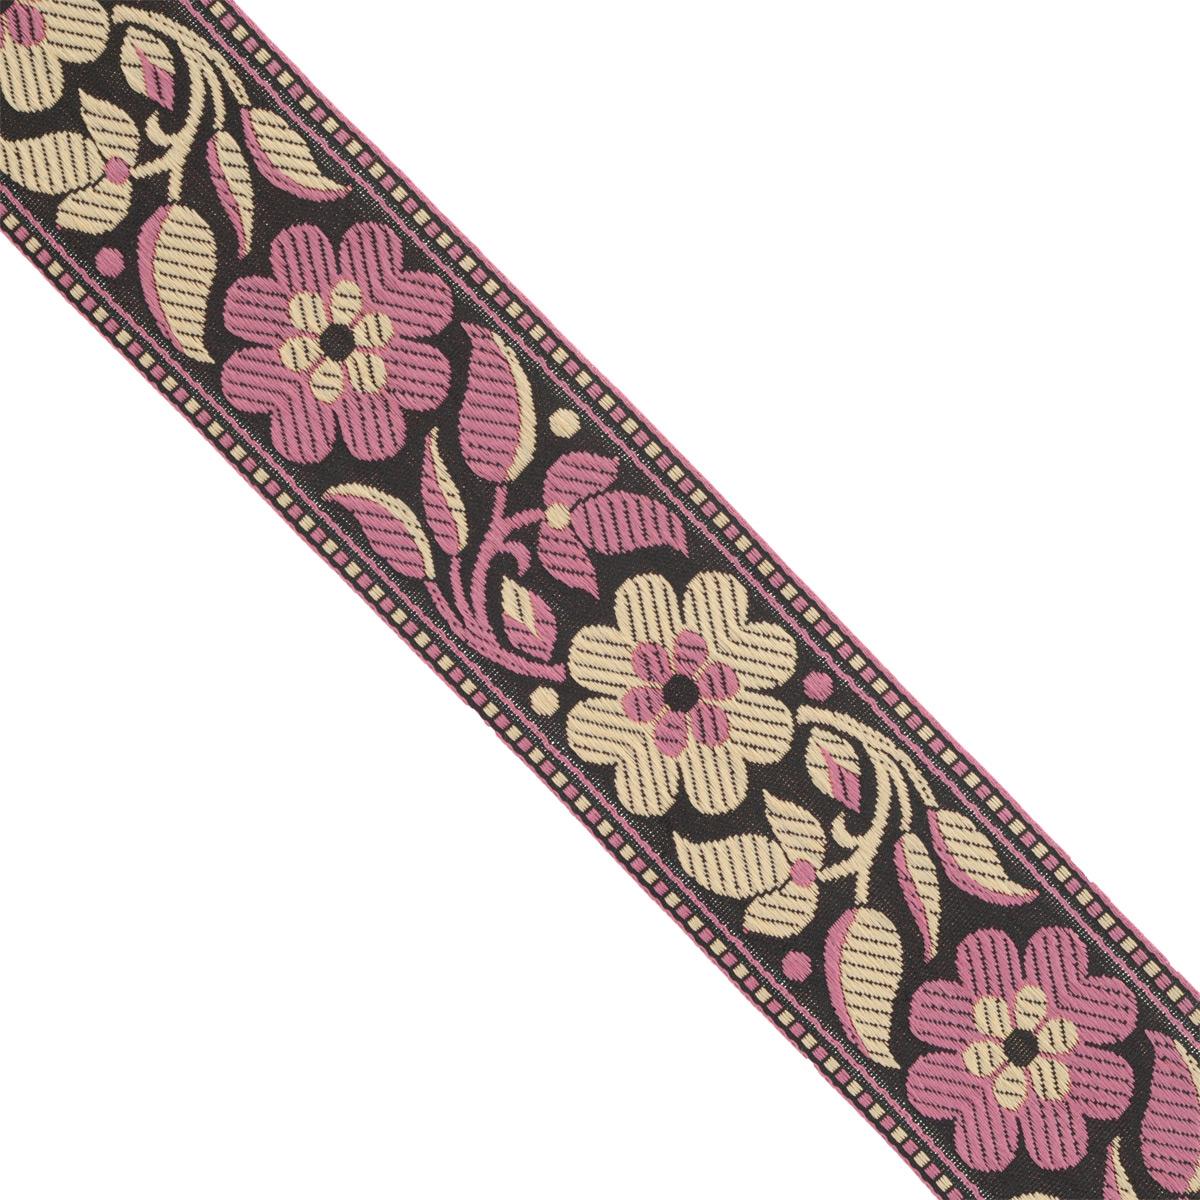 Тесьма декоративная Астра, цвет: черный, ширина 4,5 см, длина 16,4 м. 77033457703345Декоративная тесьма Астра выполнена из текстиля и оформлена оригинальным орнаментом. Такая тесьма идеально подойдет для оформления различных творческих работ таких, как скрапбукинг, аппликация, декор коробок и открыток и многое другое. Тесьма наивысшего качества и практична в использовании. Она станет незаменимым элементом в создании рукотворного шедевра. Ширина: 4,5 см. Длина: 16,4 м.